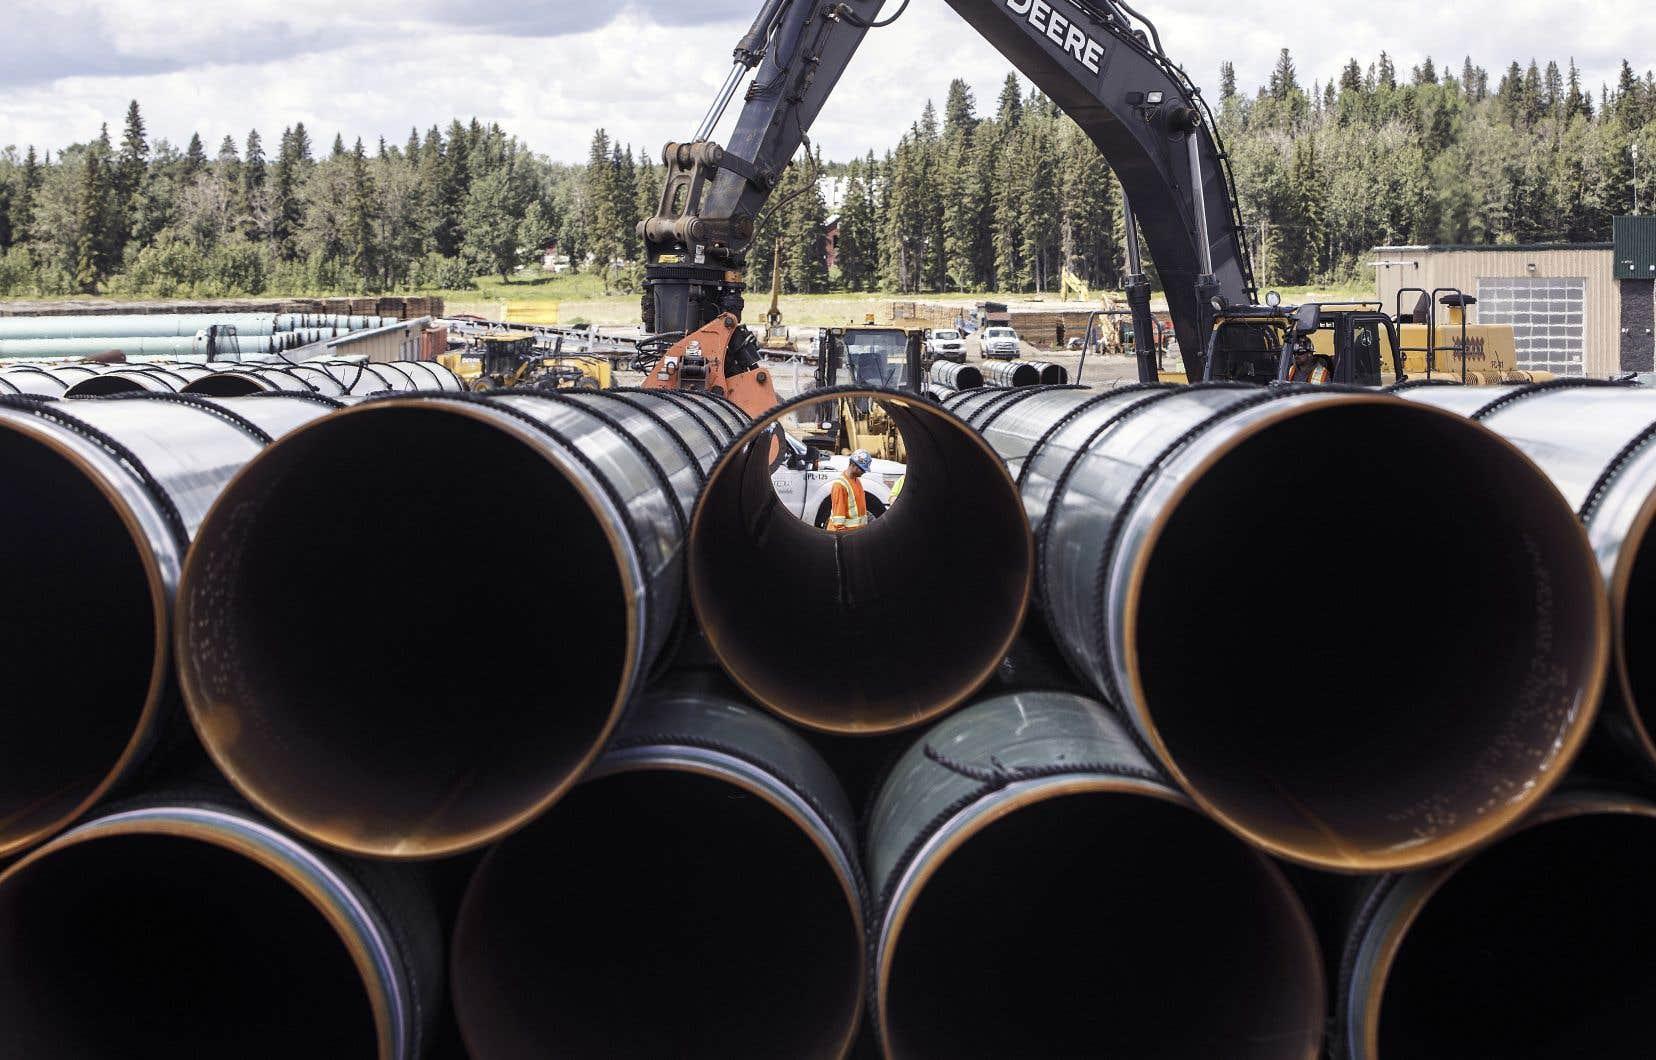 Pour le premier ministre albertain, Jason Kenney, il est évident que le gouvernement fédéral dispose de tous les leviers décisionnels pour imposer un projet de pipeline aux provinces récalcitrantes, dont le Québec. La récente décision de la Cour d'appel de Colombie-Britannique dans le dossier Trans Mountain semble d'ailleurs lui donner raison.